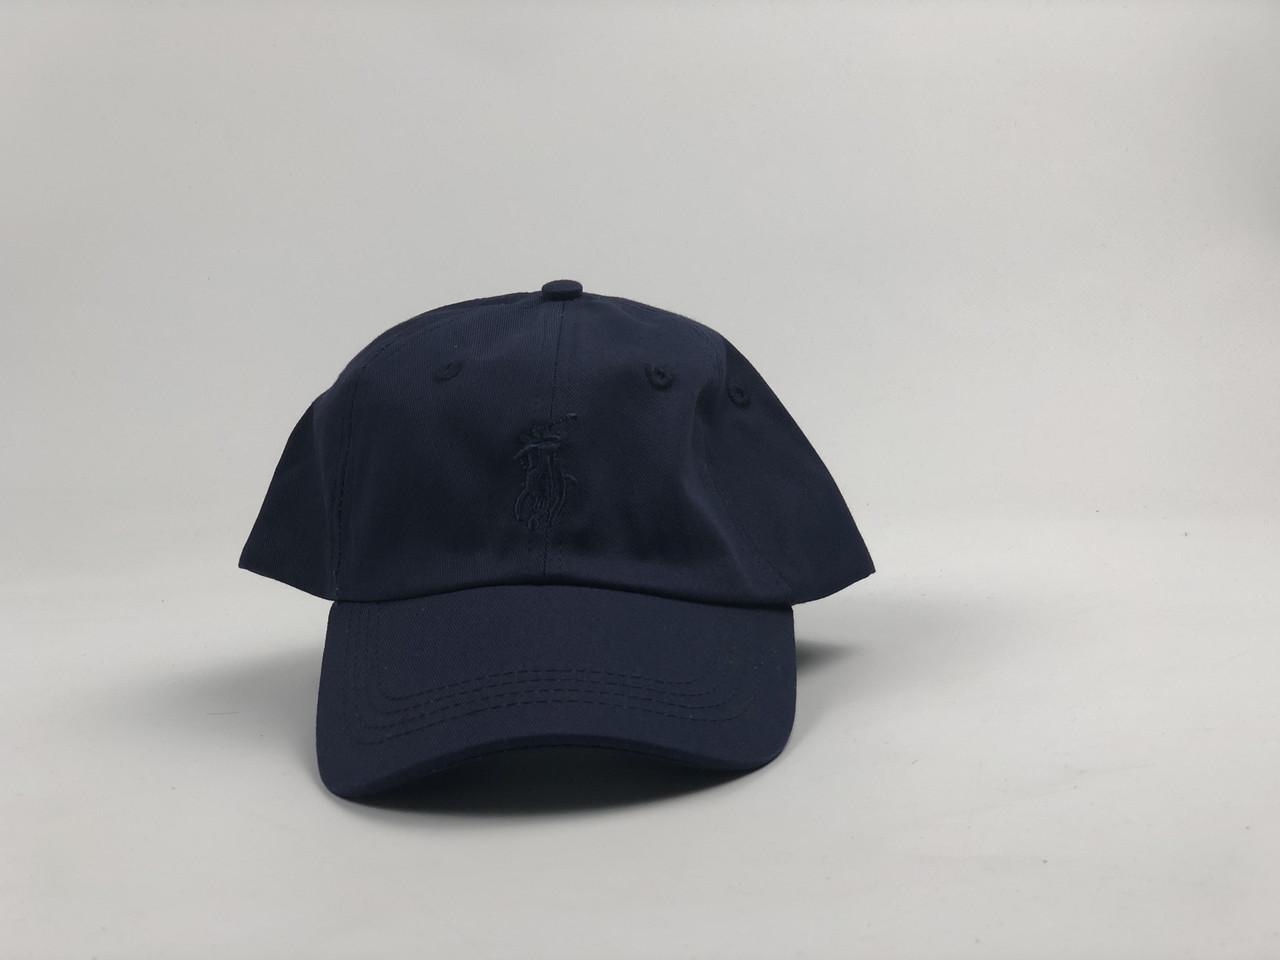 Кепка бейсболка Polo Ralph Lauren (темно-синяя с темно-синим лого) с кожаным ремешком